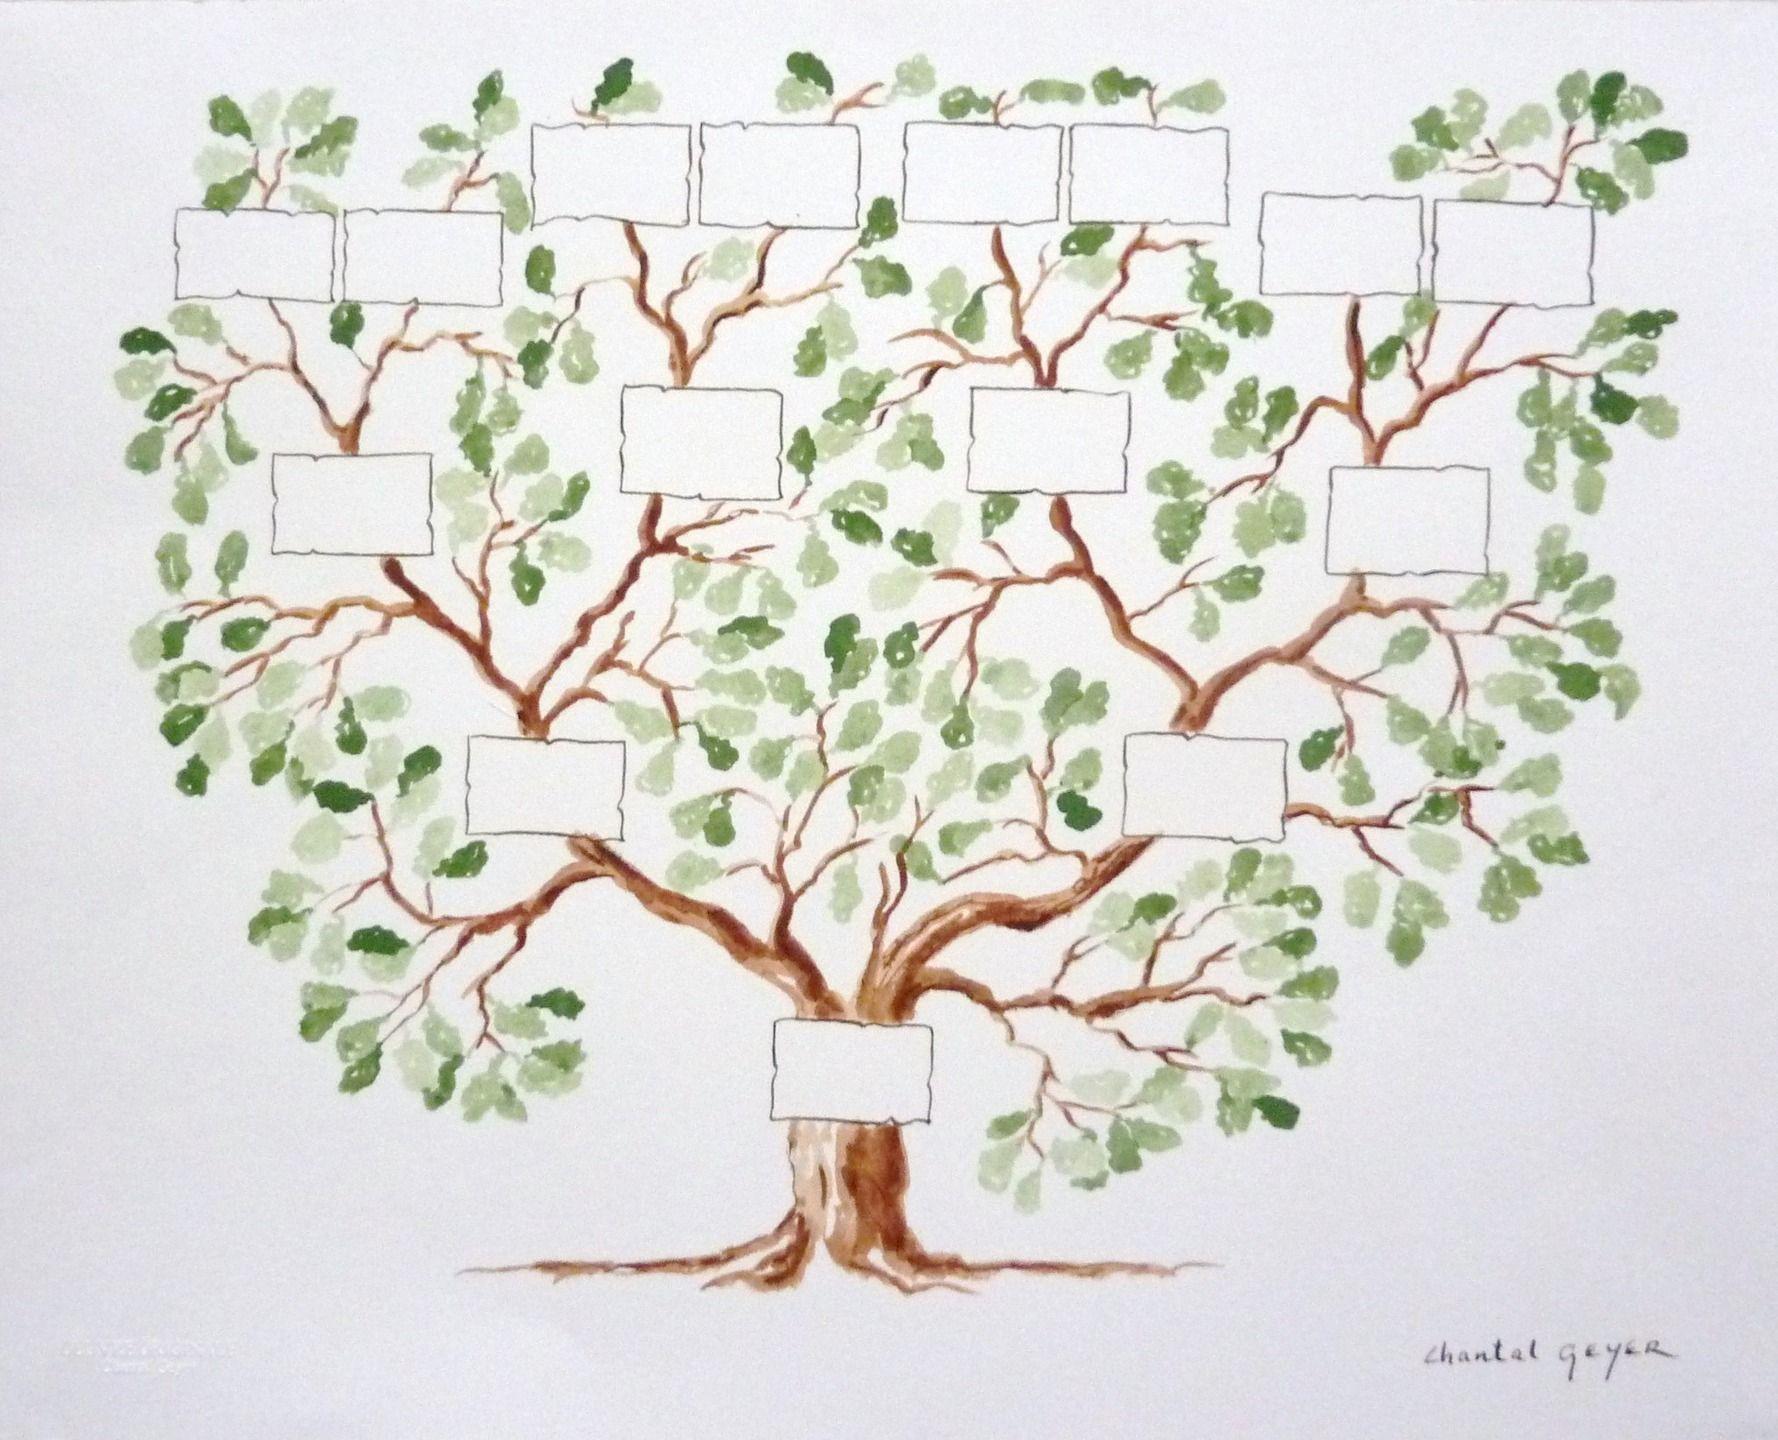 Arbre g n alogique recherche google arbre g n alogique pinterest searching - Imprimer arbre genealogique ...